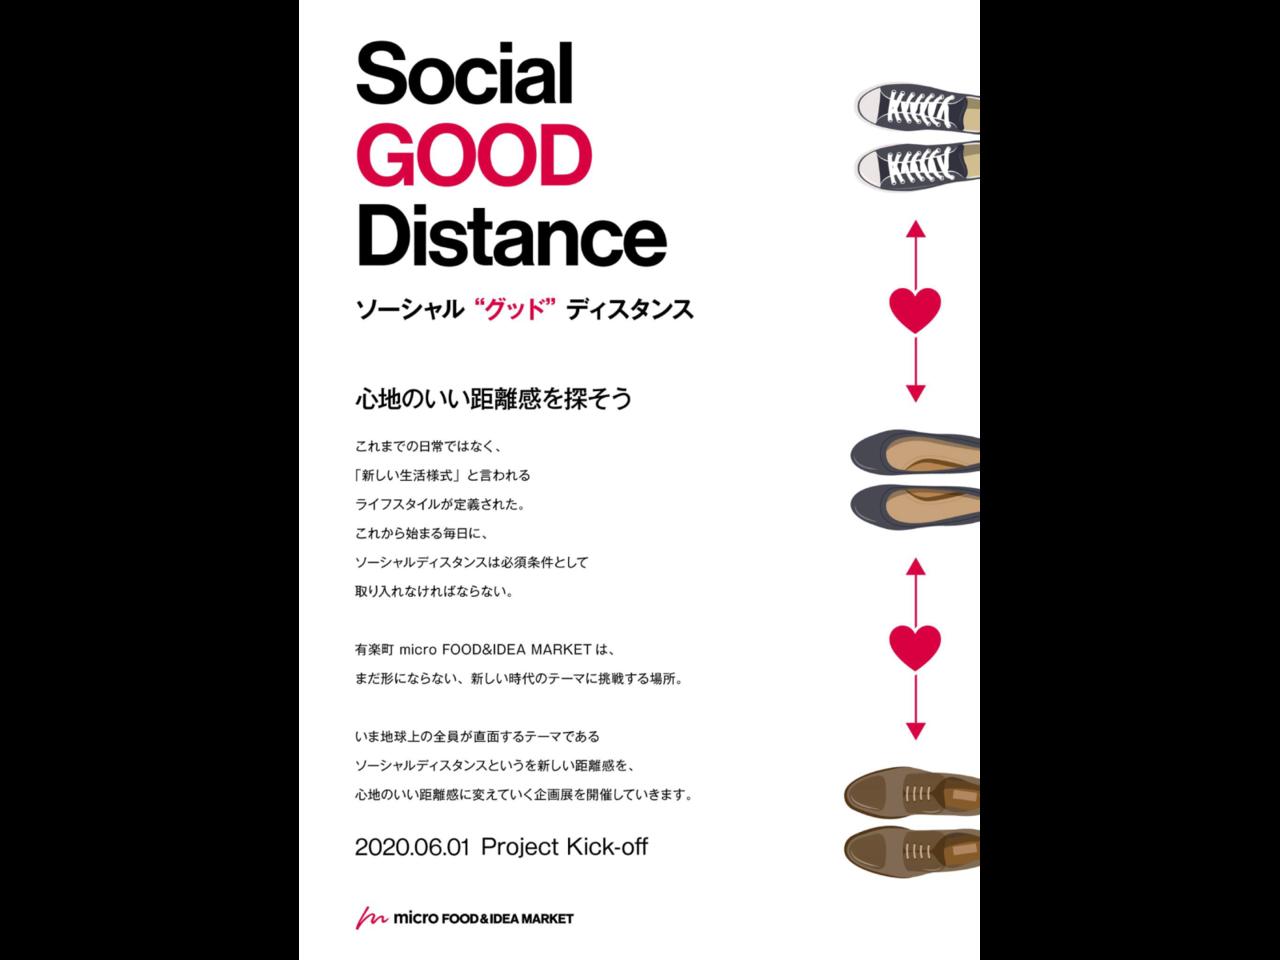 新しい距離感をデザインし心地よい距離感に変えていく『Social